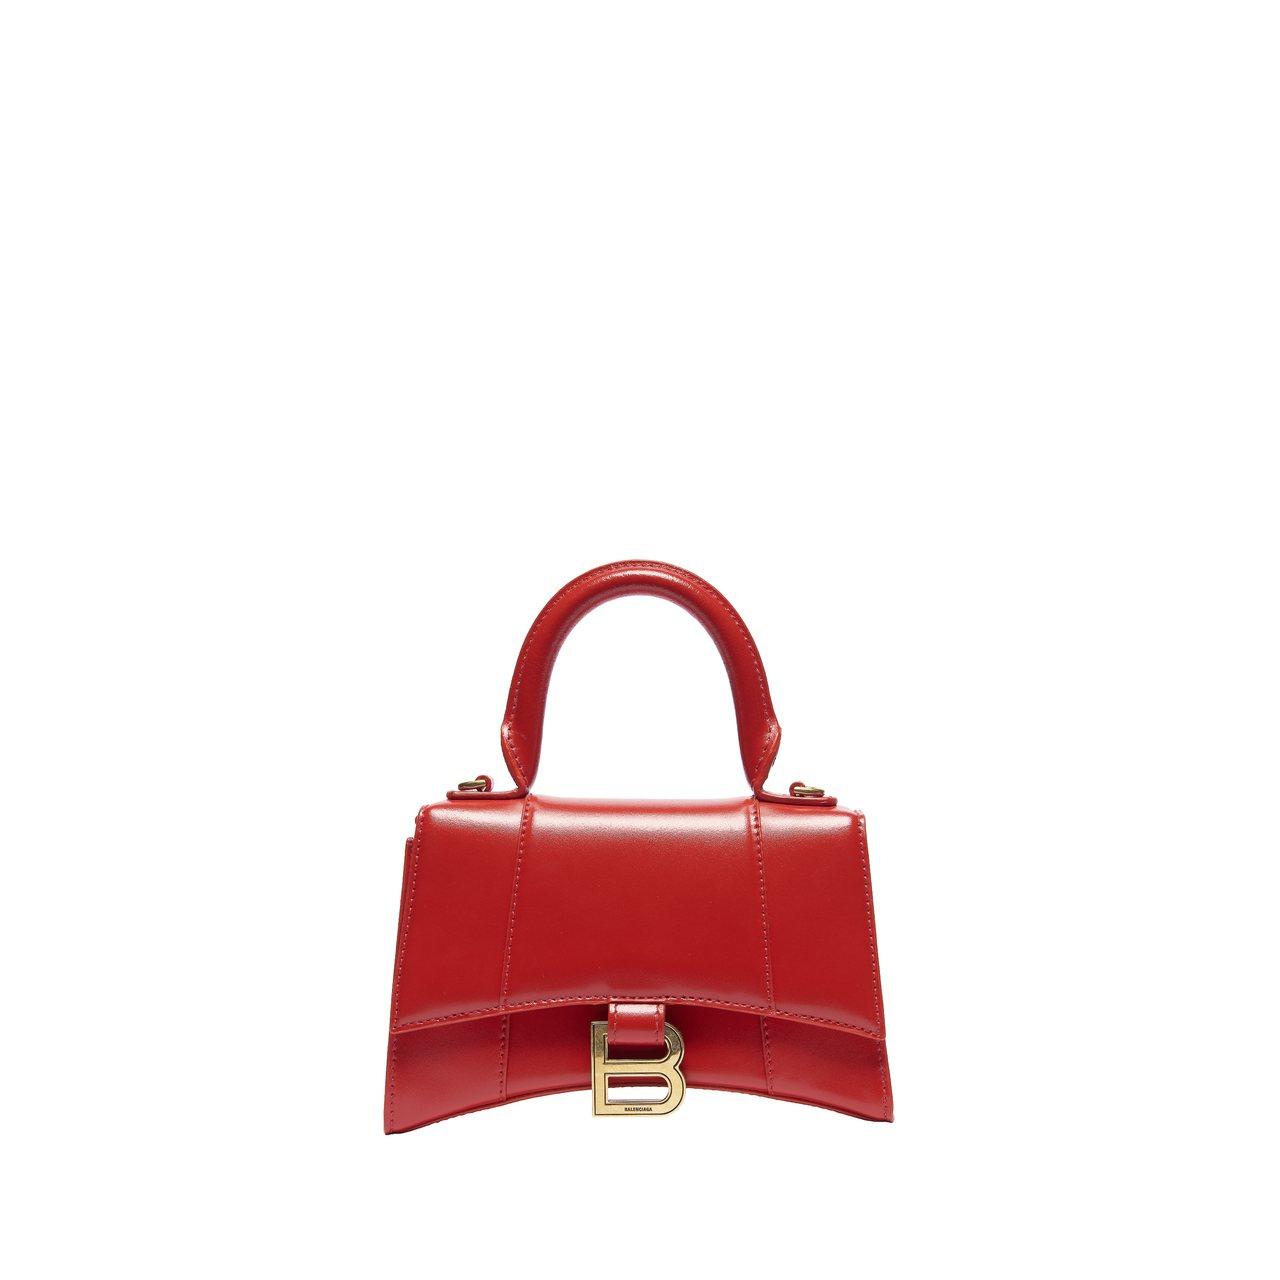 Hourglass Top Handle S小型紅色沙漏包,53,700元。圖/...